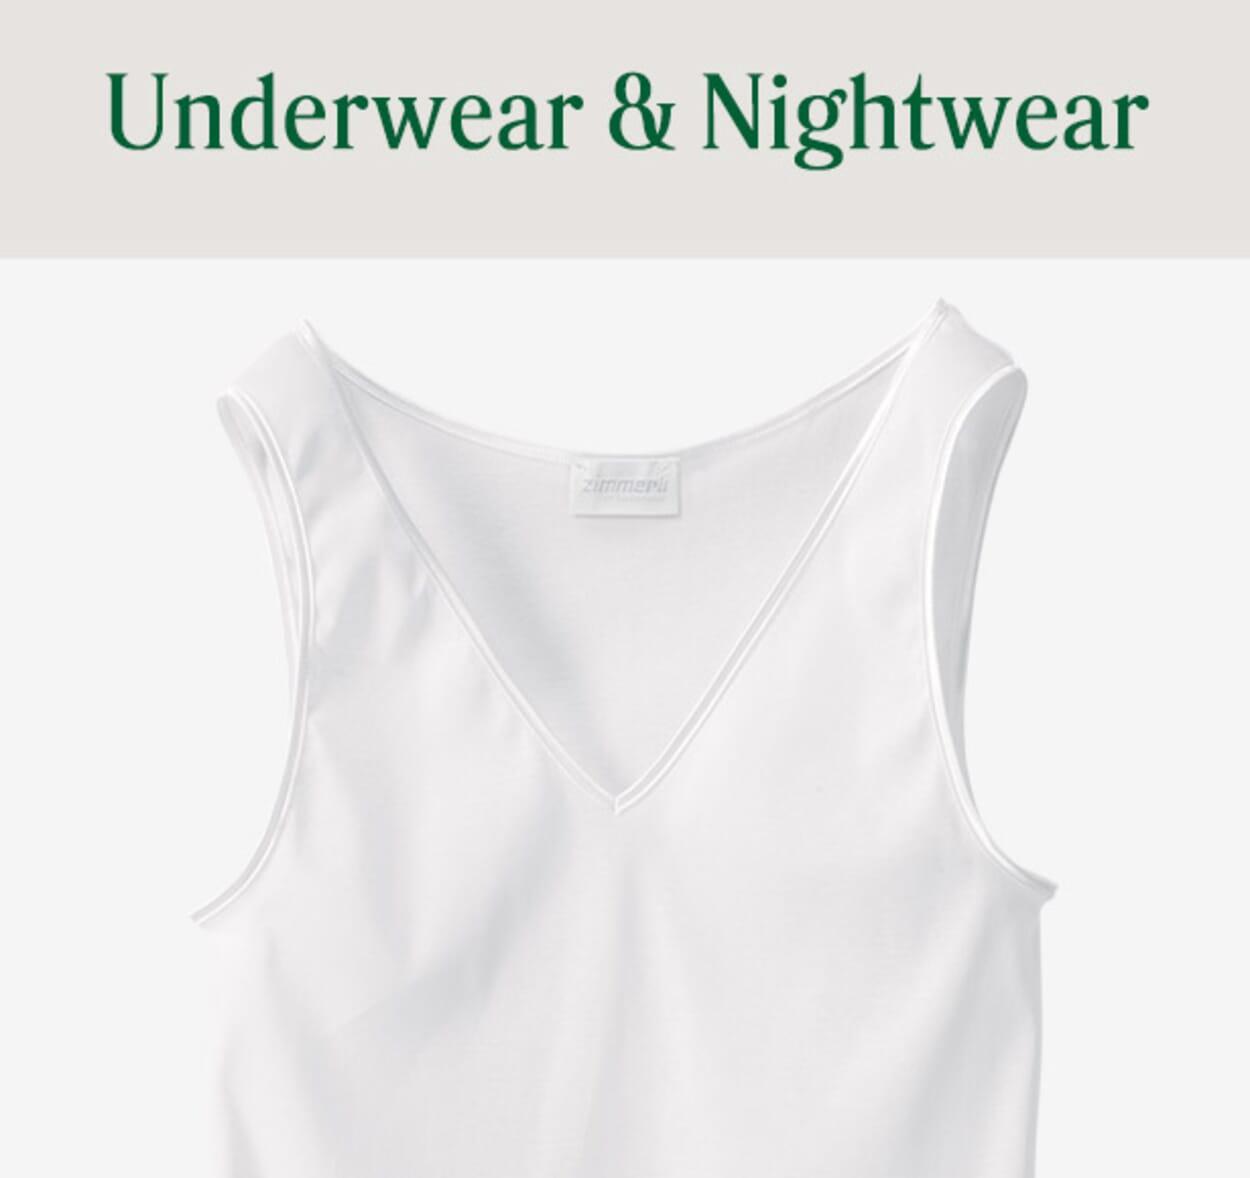 Womens Underwear & Nightwear